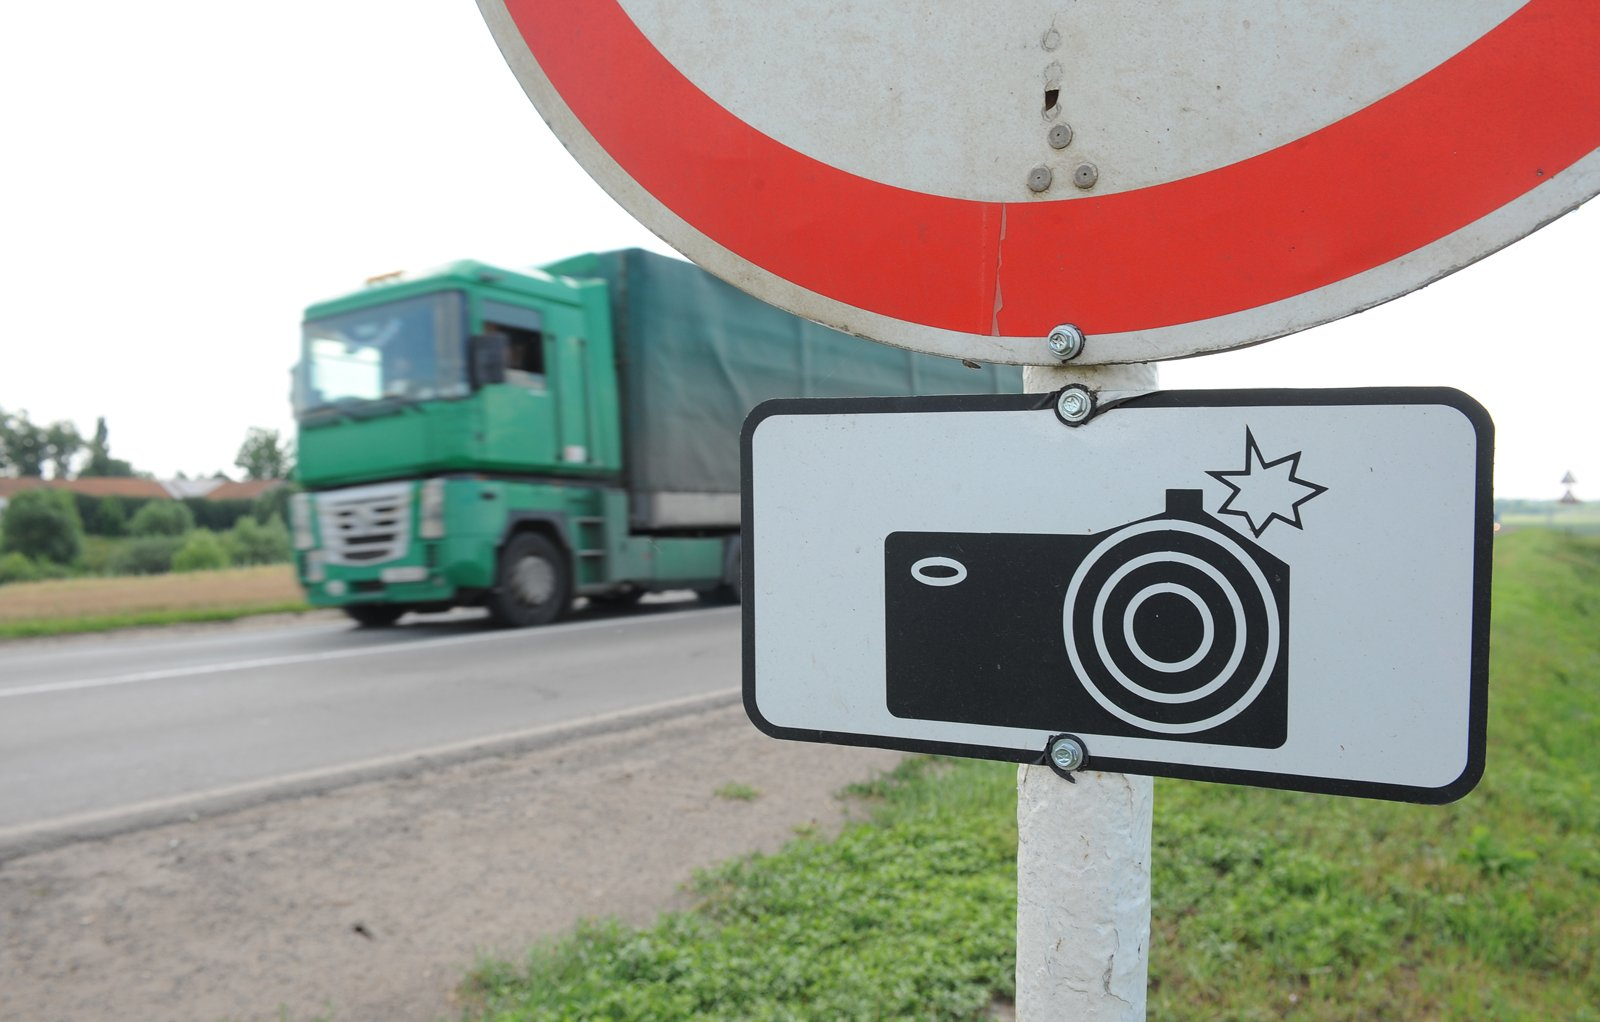 Росавтодор и Минтранс против введения нового дорожного знака